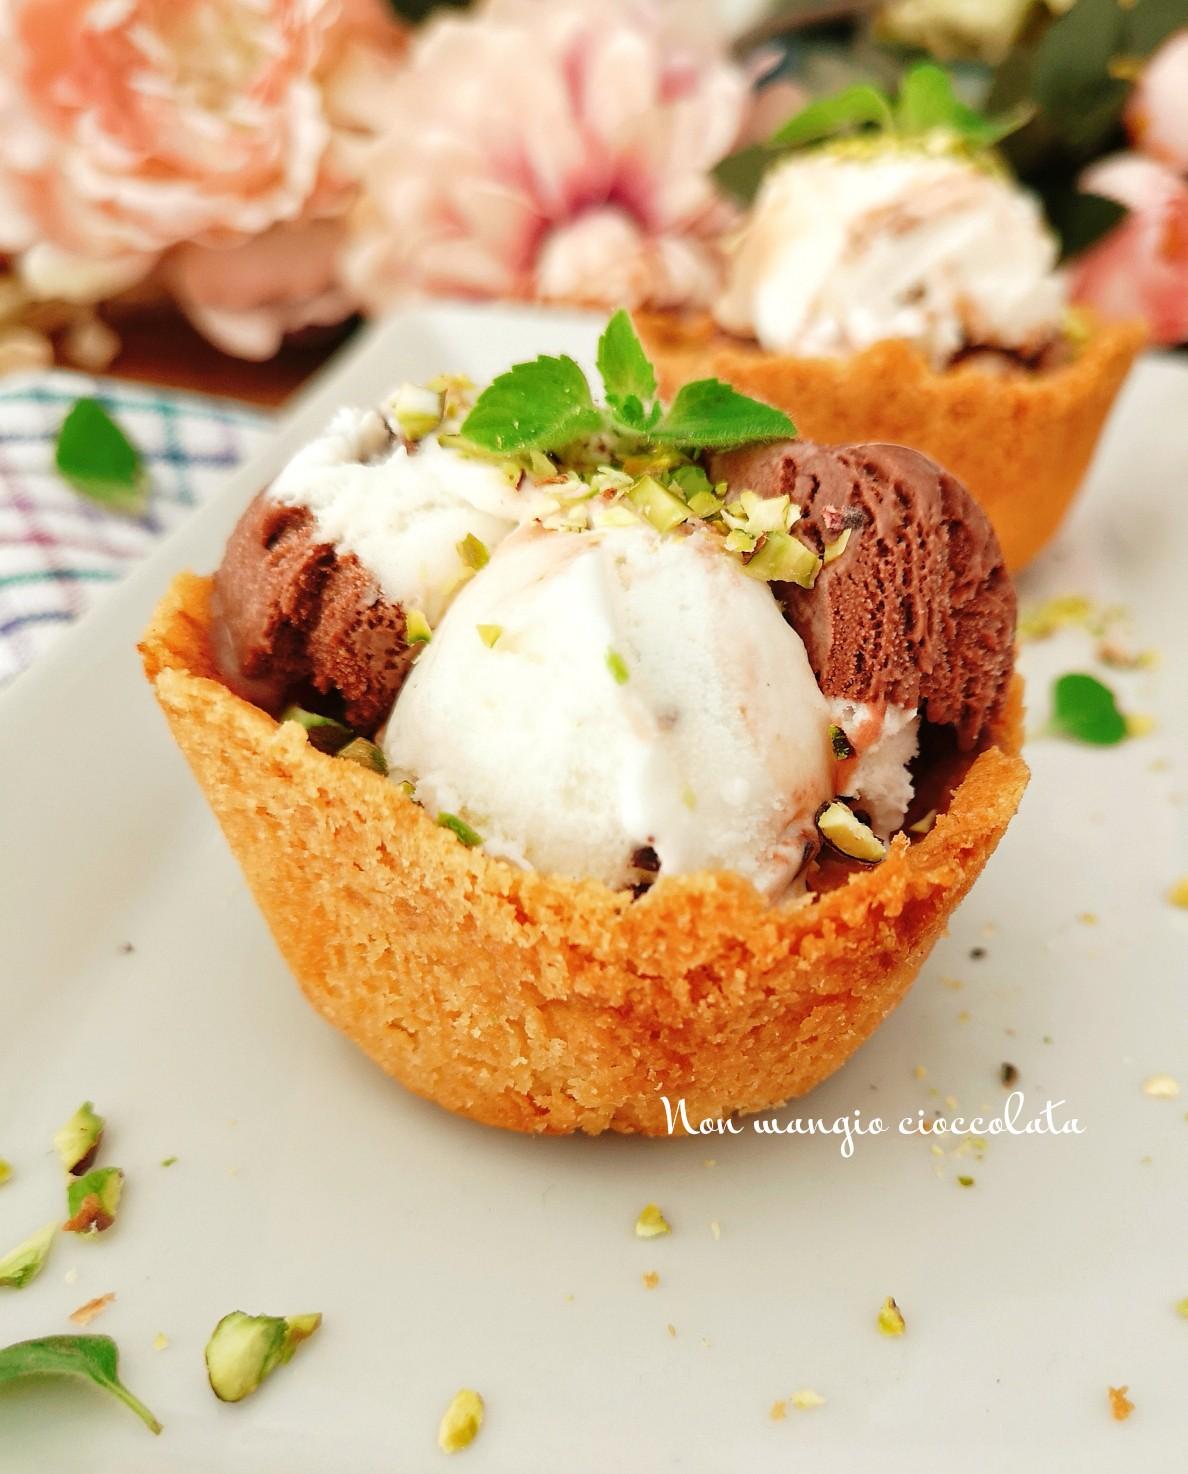 Cestini di crumble con gelato e granella di pistacchi